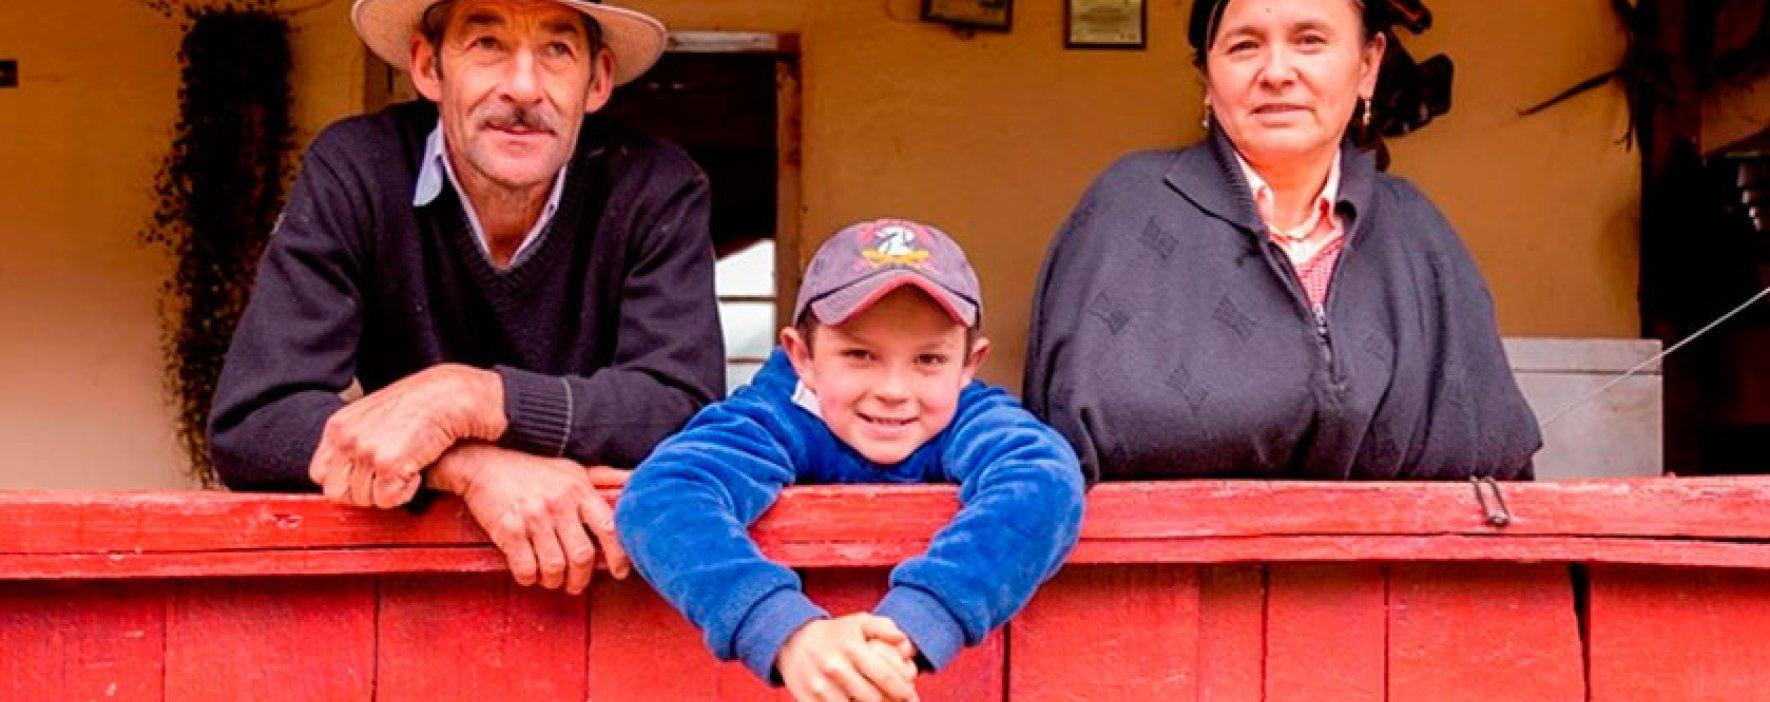 Fundación Alpina invita a Foro sobre el sector privado y desarrollo rural